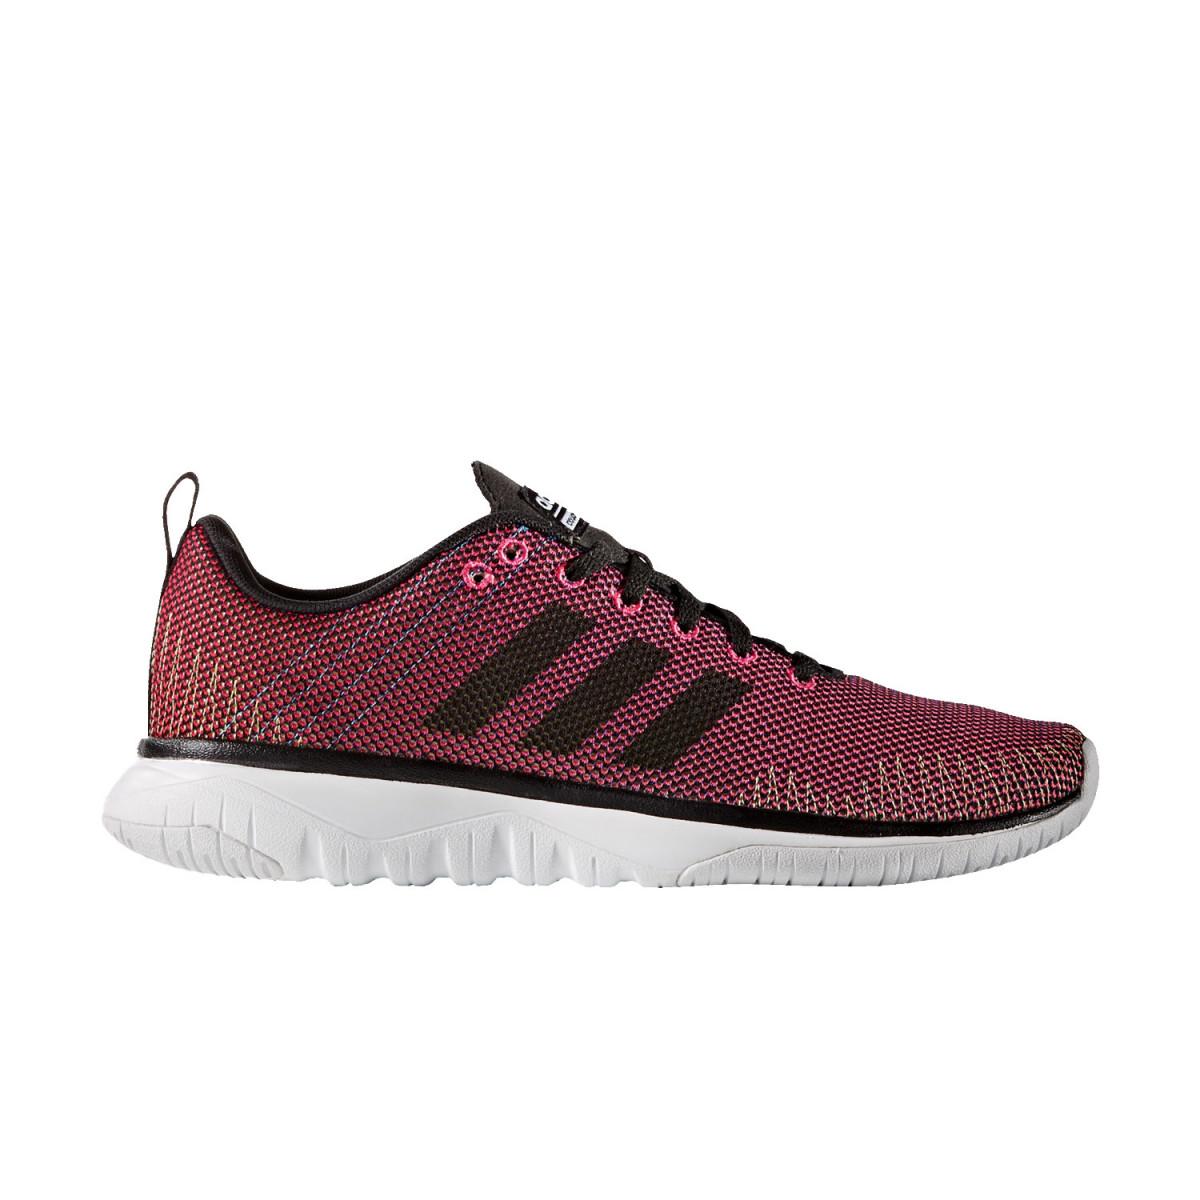 Foam Neo Flex Zapatillas Super Adidas Coud qSUxUwpB